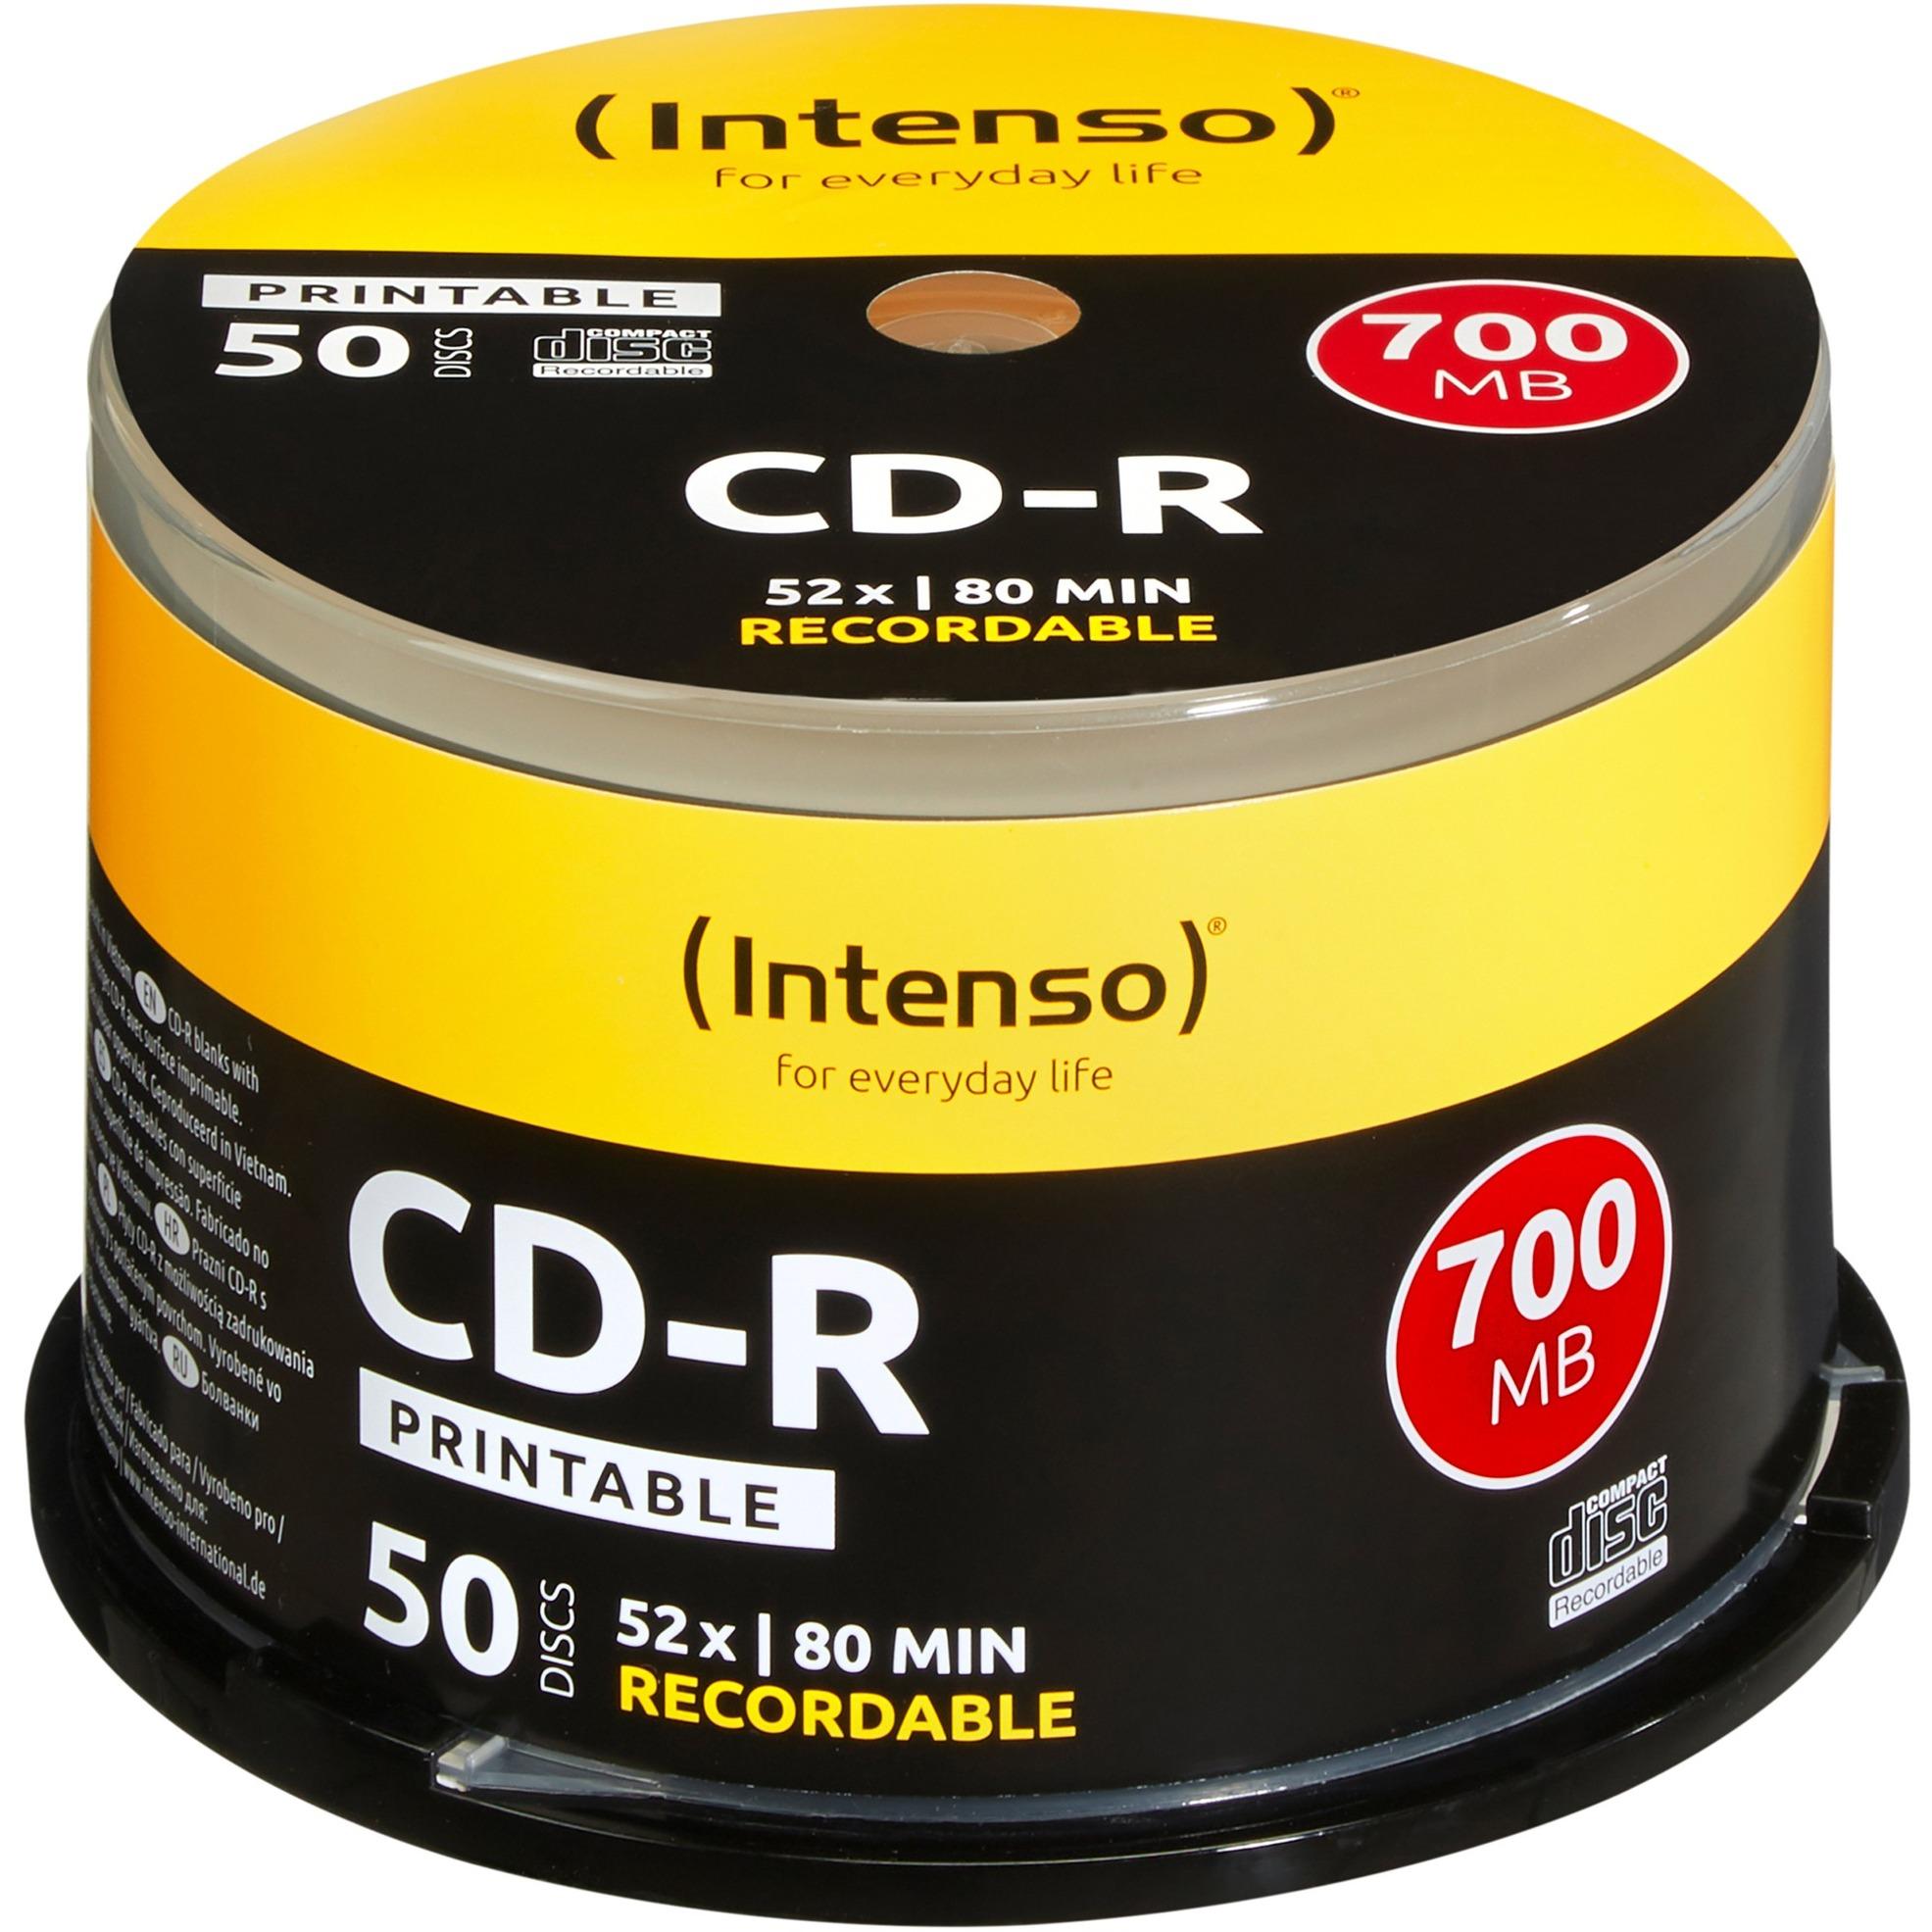 1801125 CD en blanco CD-R 700 MB 50 pieza(s), CDs vírgenes